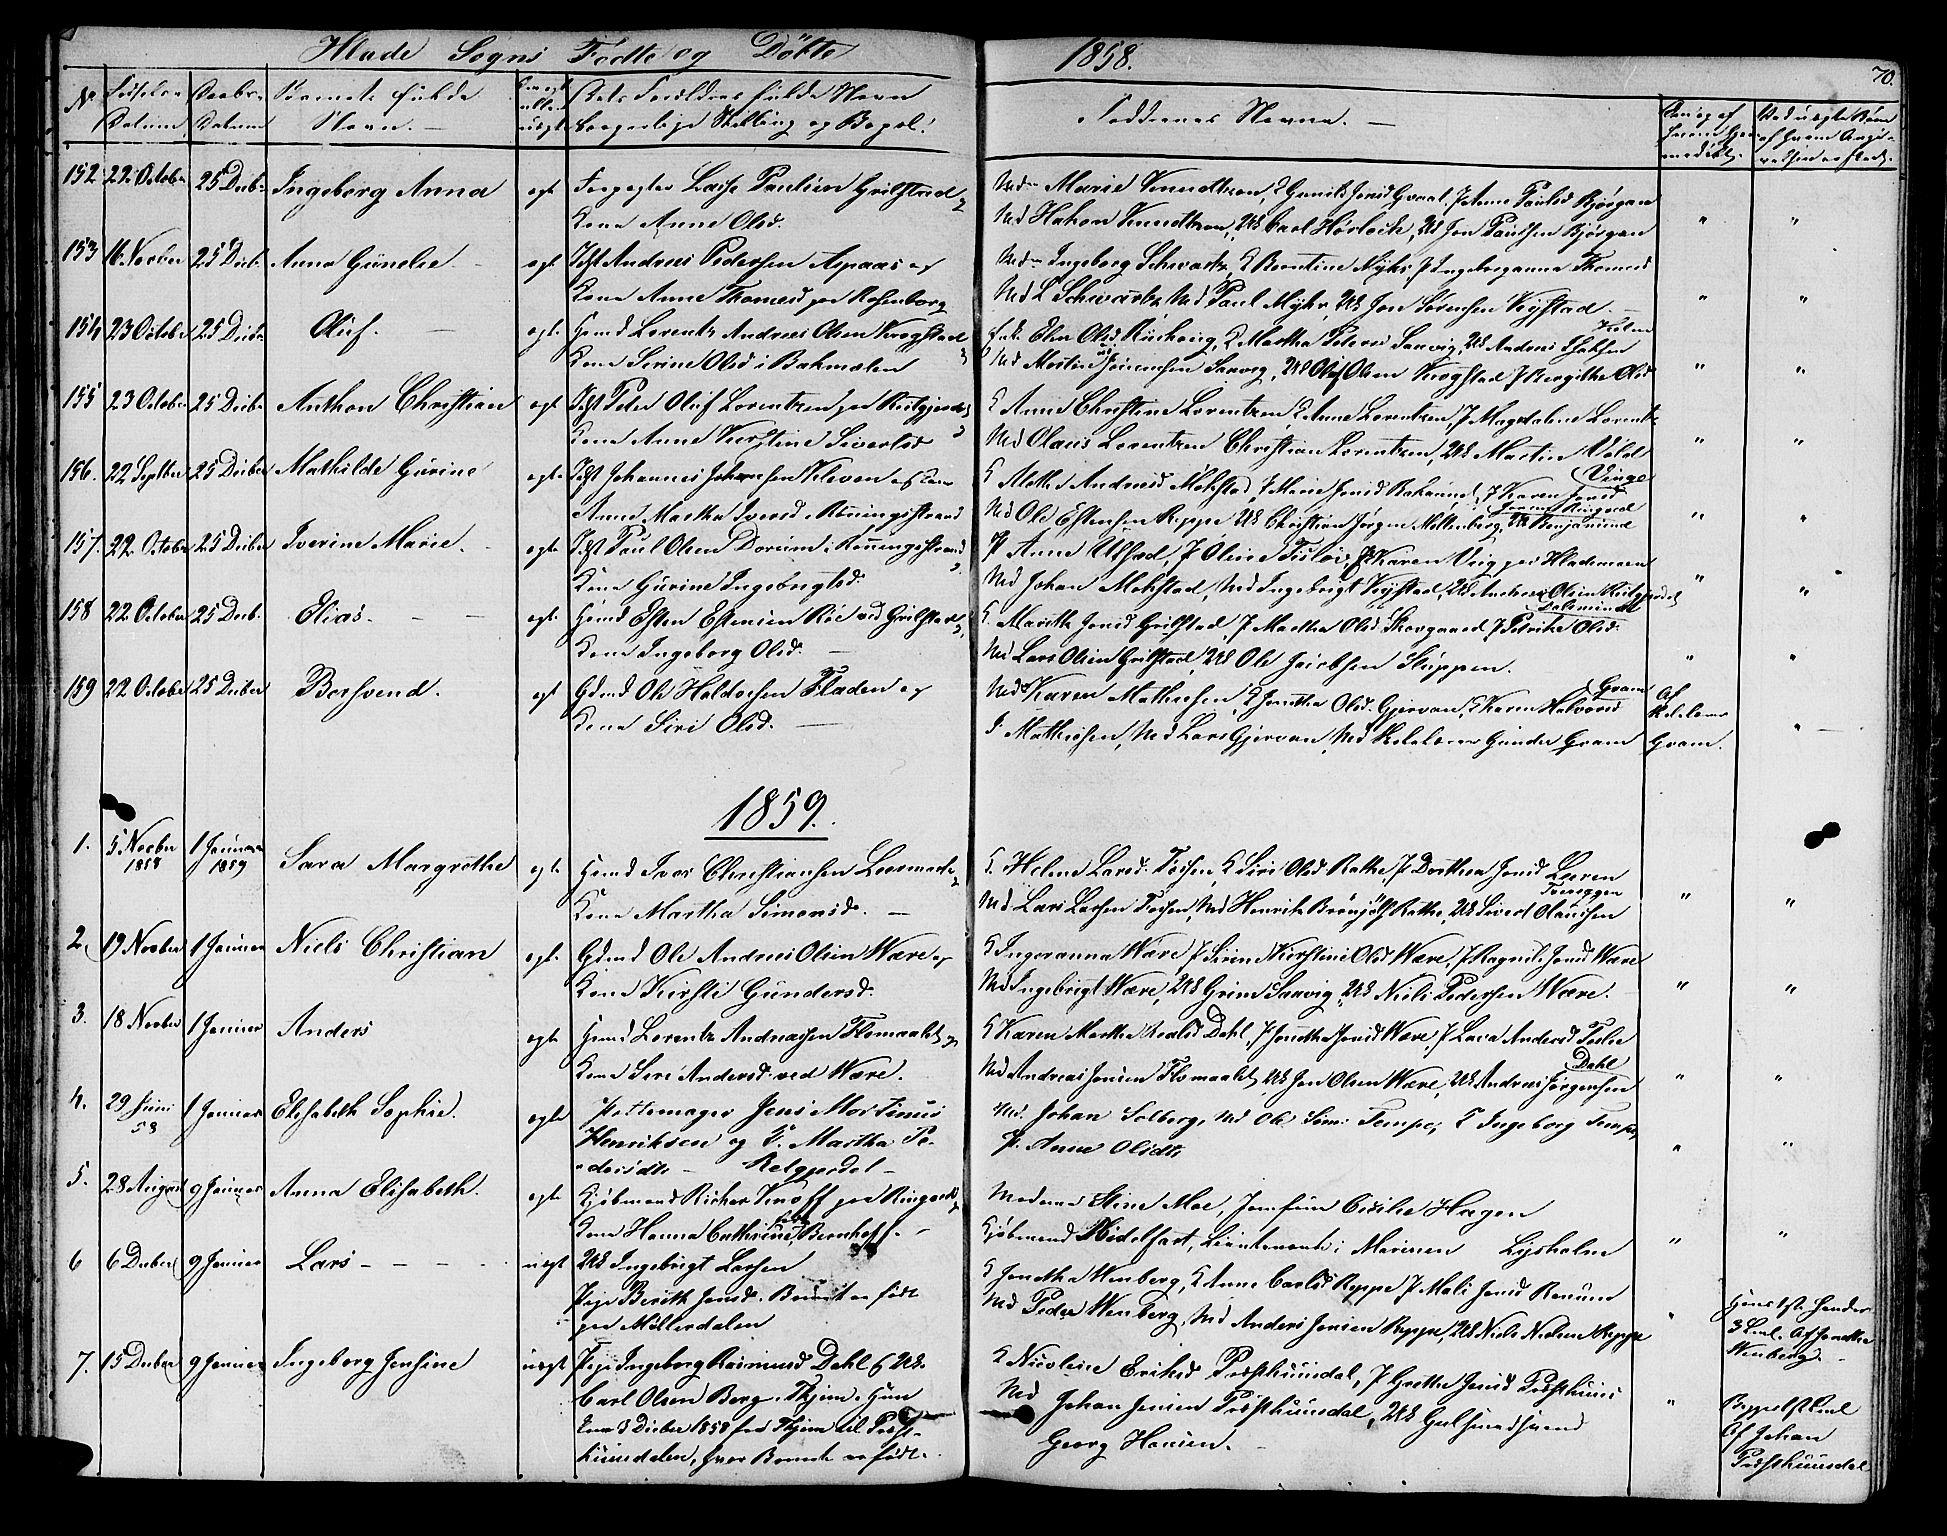 SAT, Ministerialprotokoller, klokkerbøker og fødselsregistre - Sør-Trøndelag, 606/L0310: Klokkerbok nr. 606C06, 1850-1859, s. 70